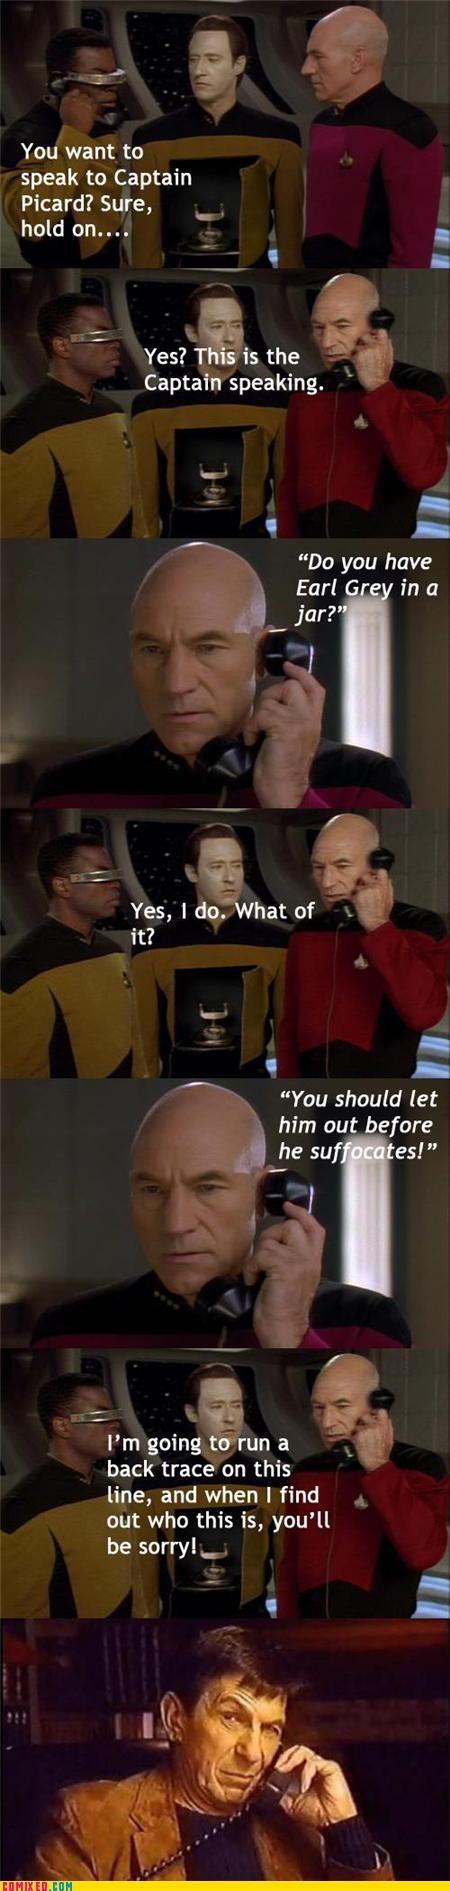 joke Leonard Nimoy phone prank Star Trek - 4588766720